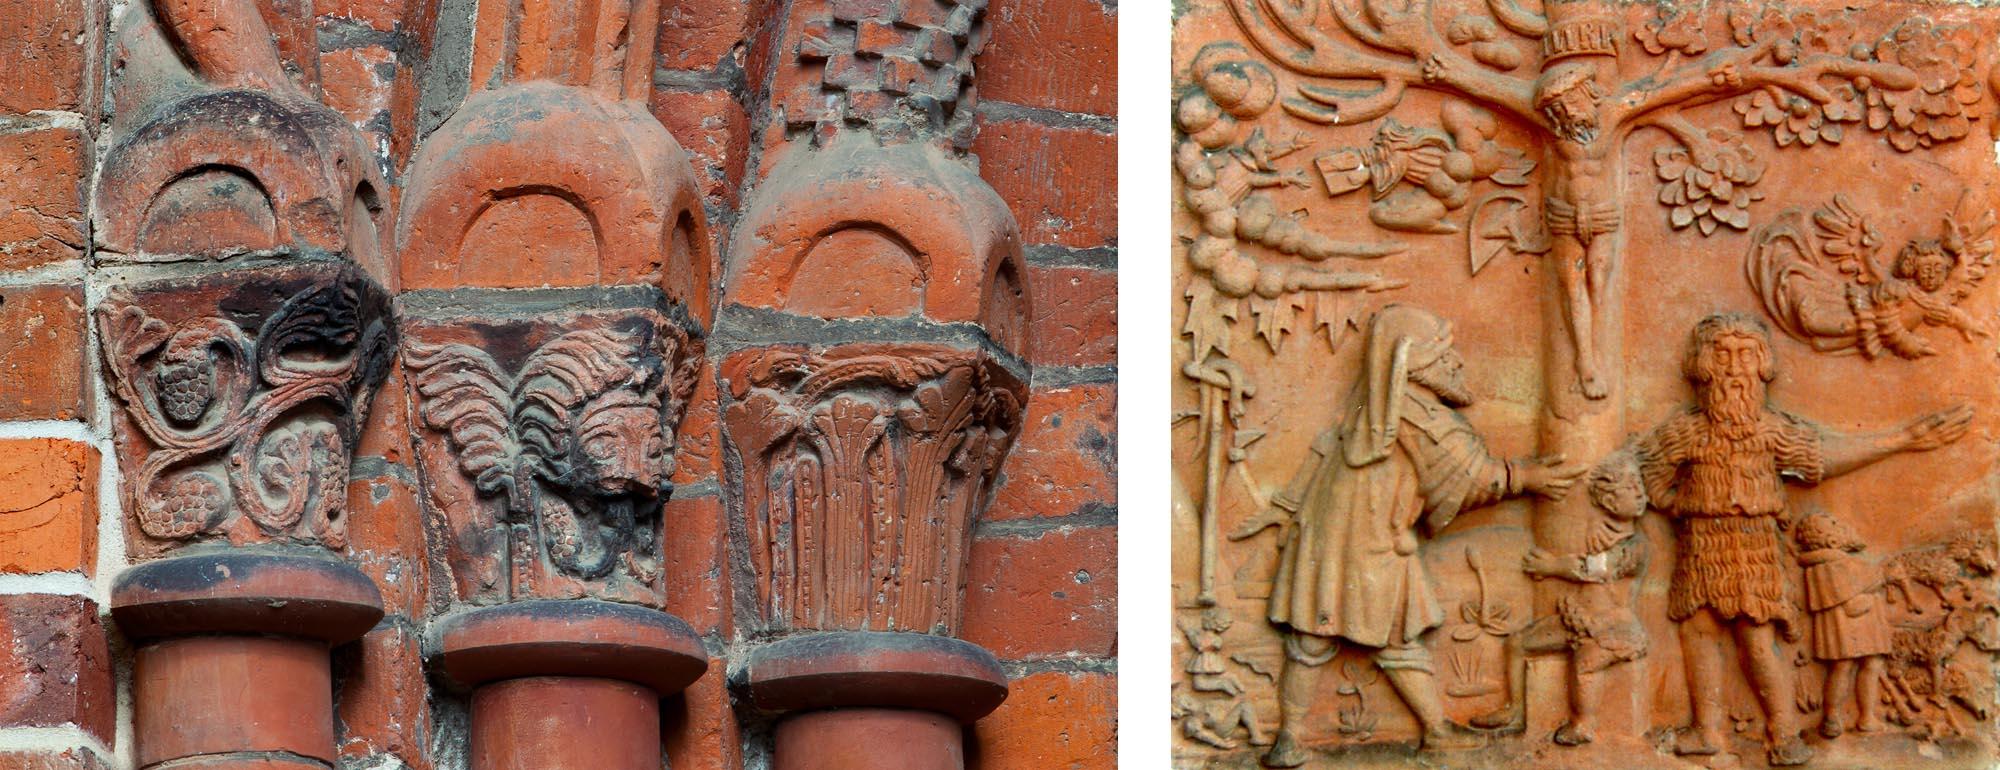 Terrakottarestaurierung. Links: Romanische Kapitellköpfe, Stadtkirche Gadebusch. Rechts: Terrakottatafel aus dem 16. Jh. von Stratius von Düren, Rathaus Gadebusch.